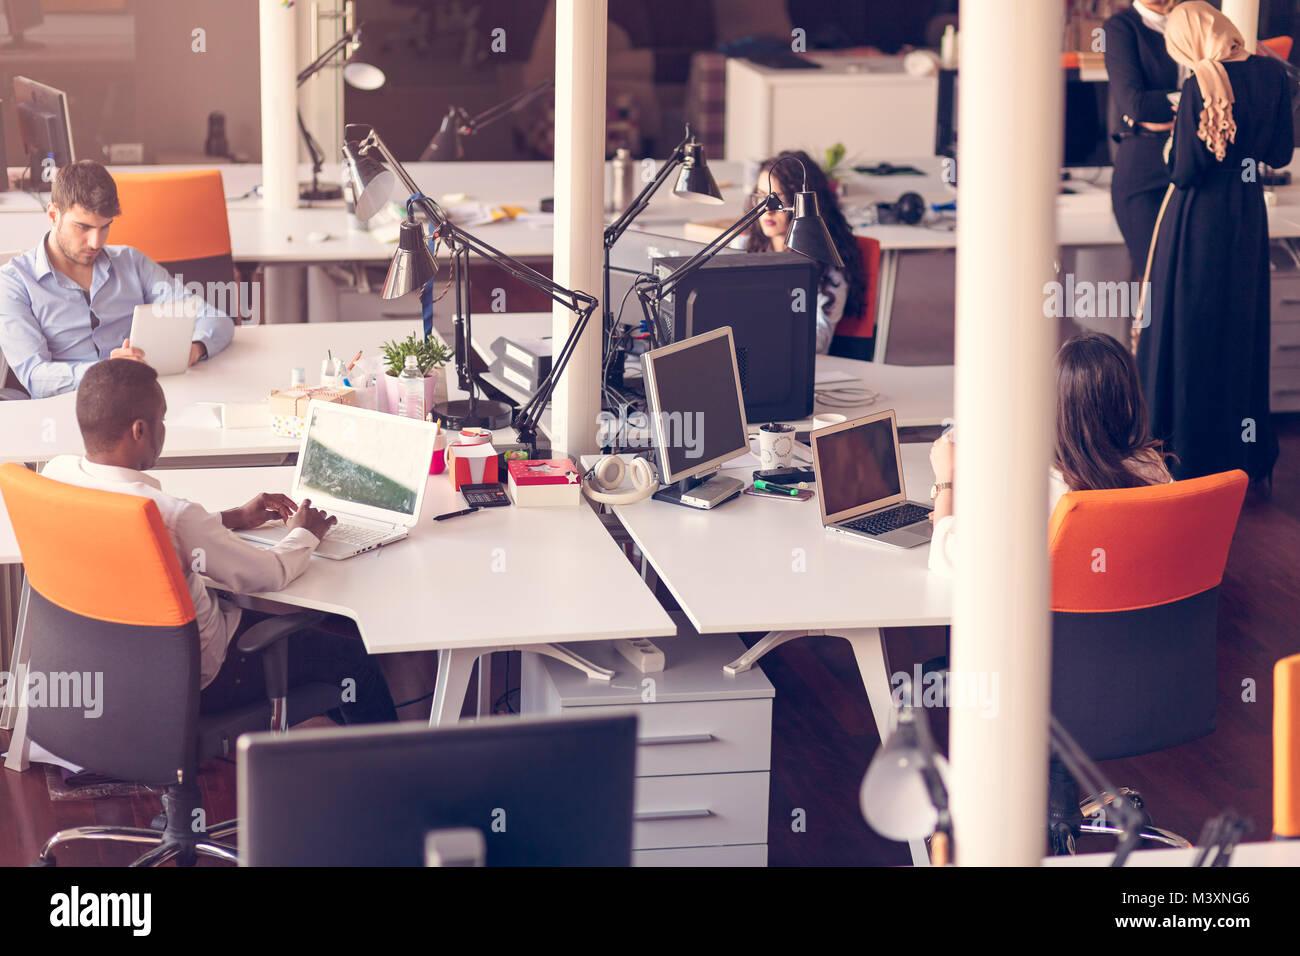 Les gens d'affaires de démarrage de travail Groupe de travail de tous les jours au bureau moderne Banque D'Images